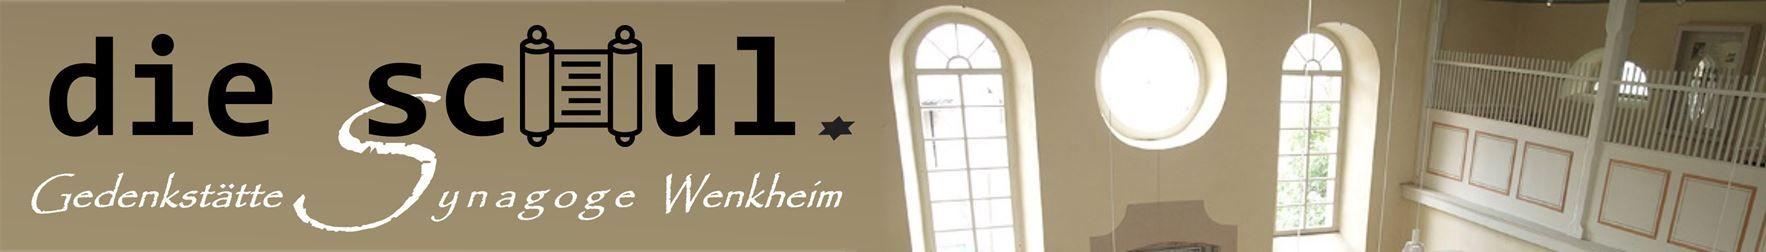 die schul. - Gedenkstätte Synagoge Wenkheim